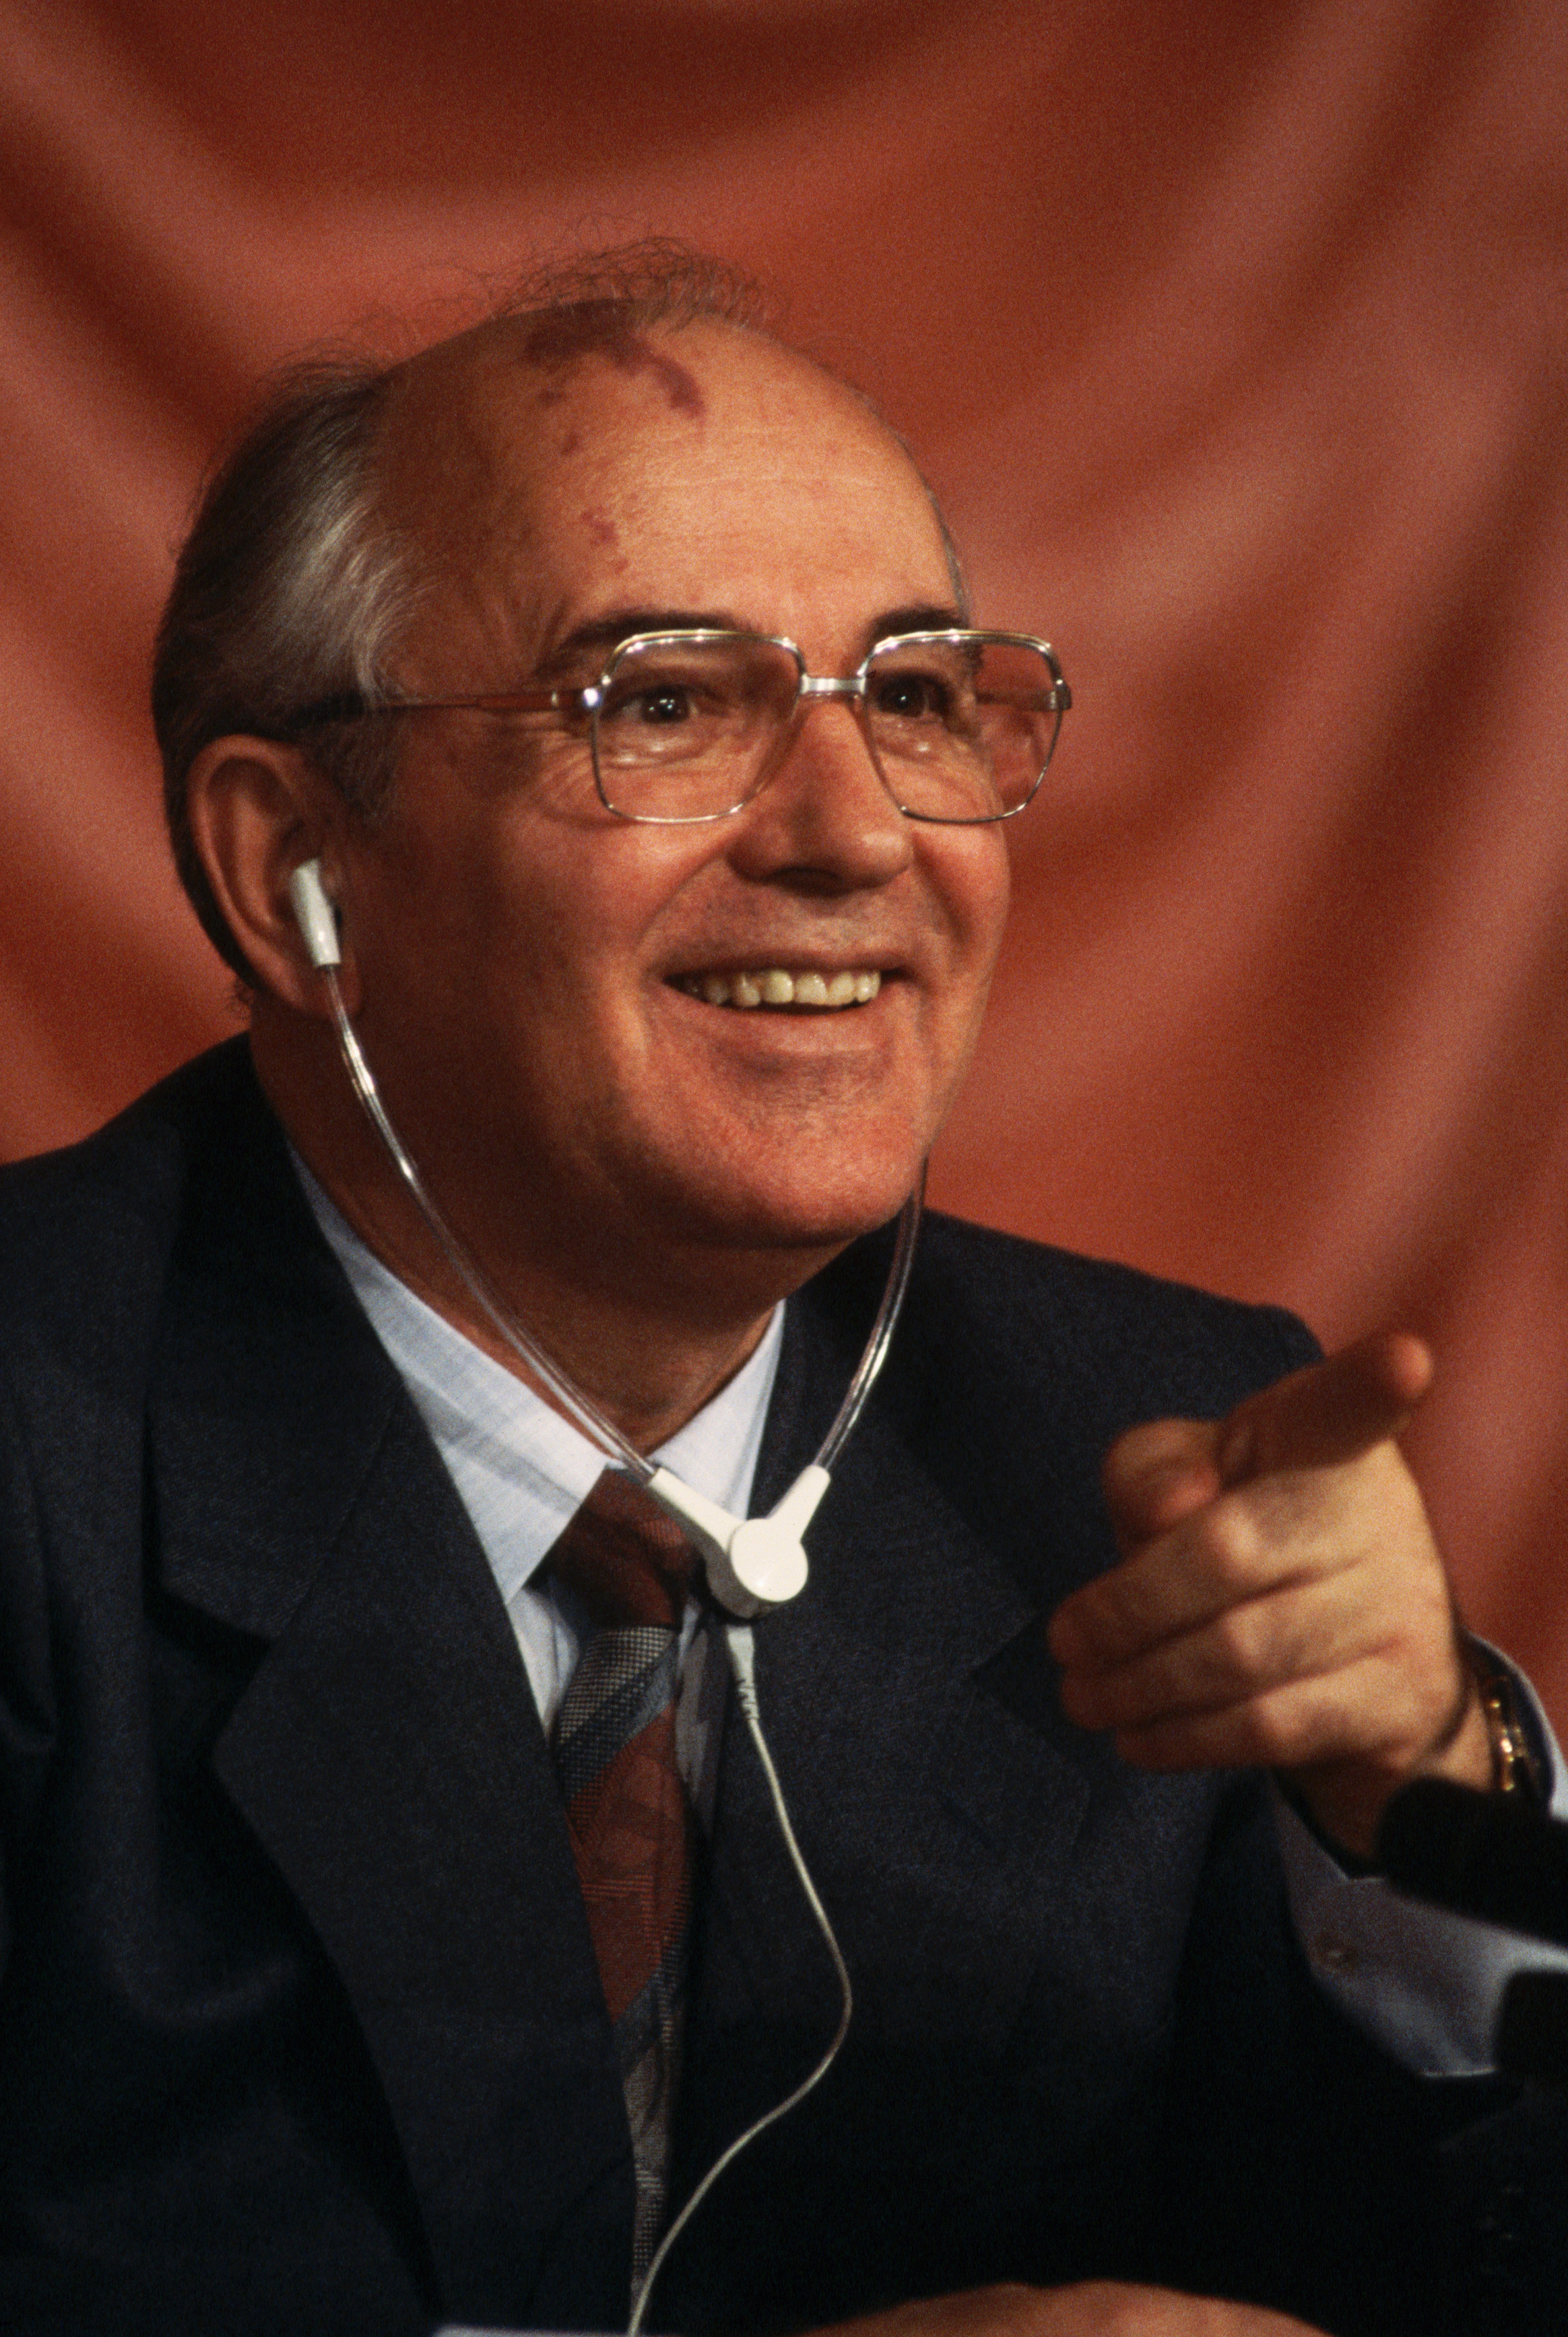 Михаил Горбачёв с довольным выражением лица